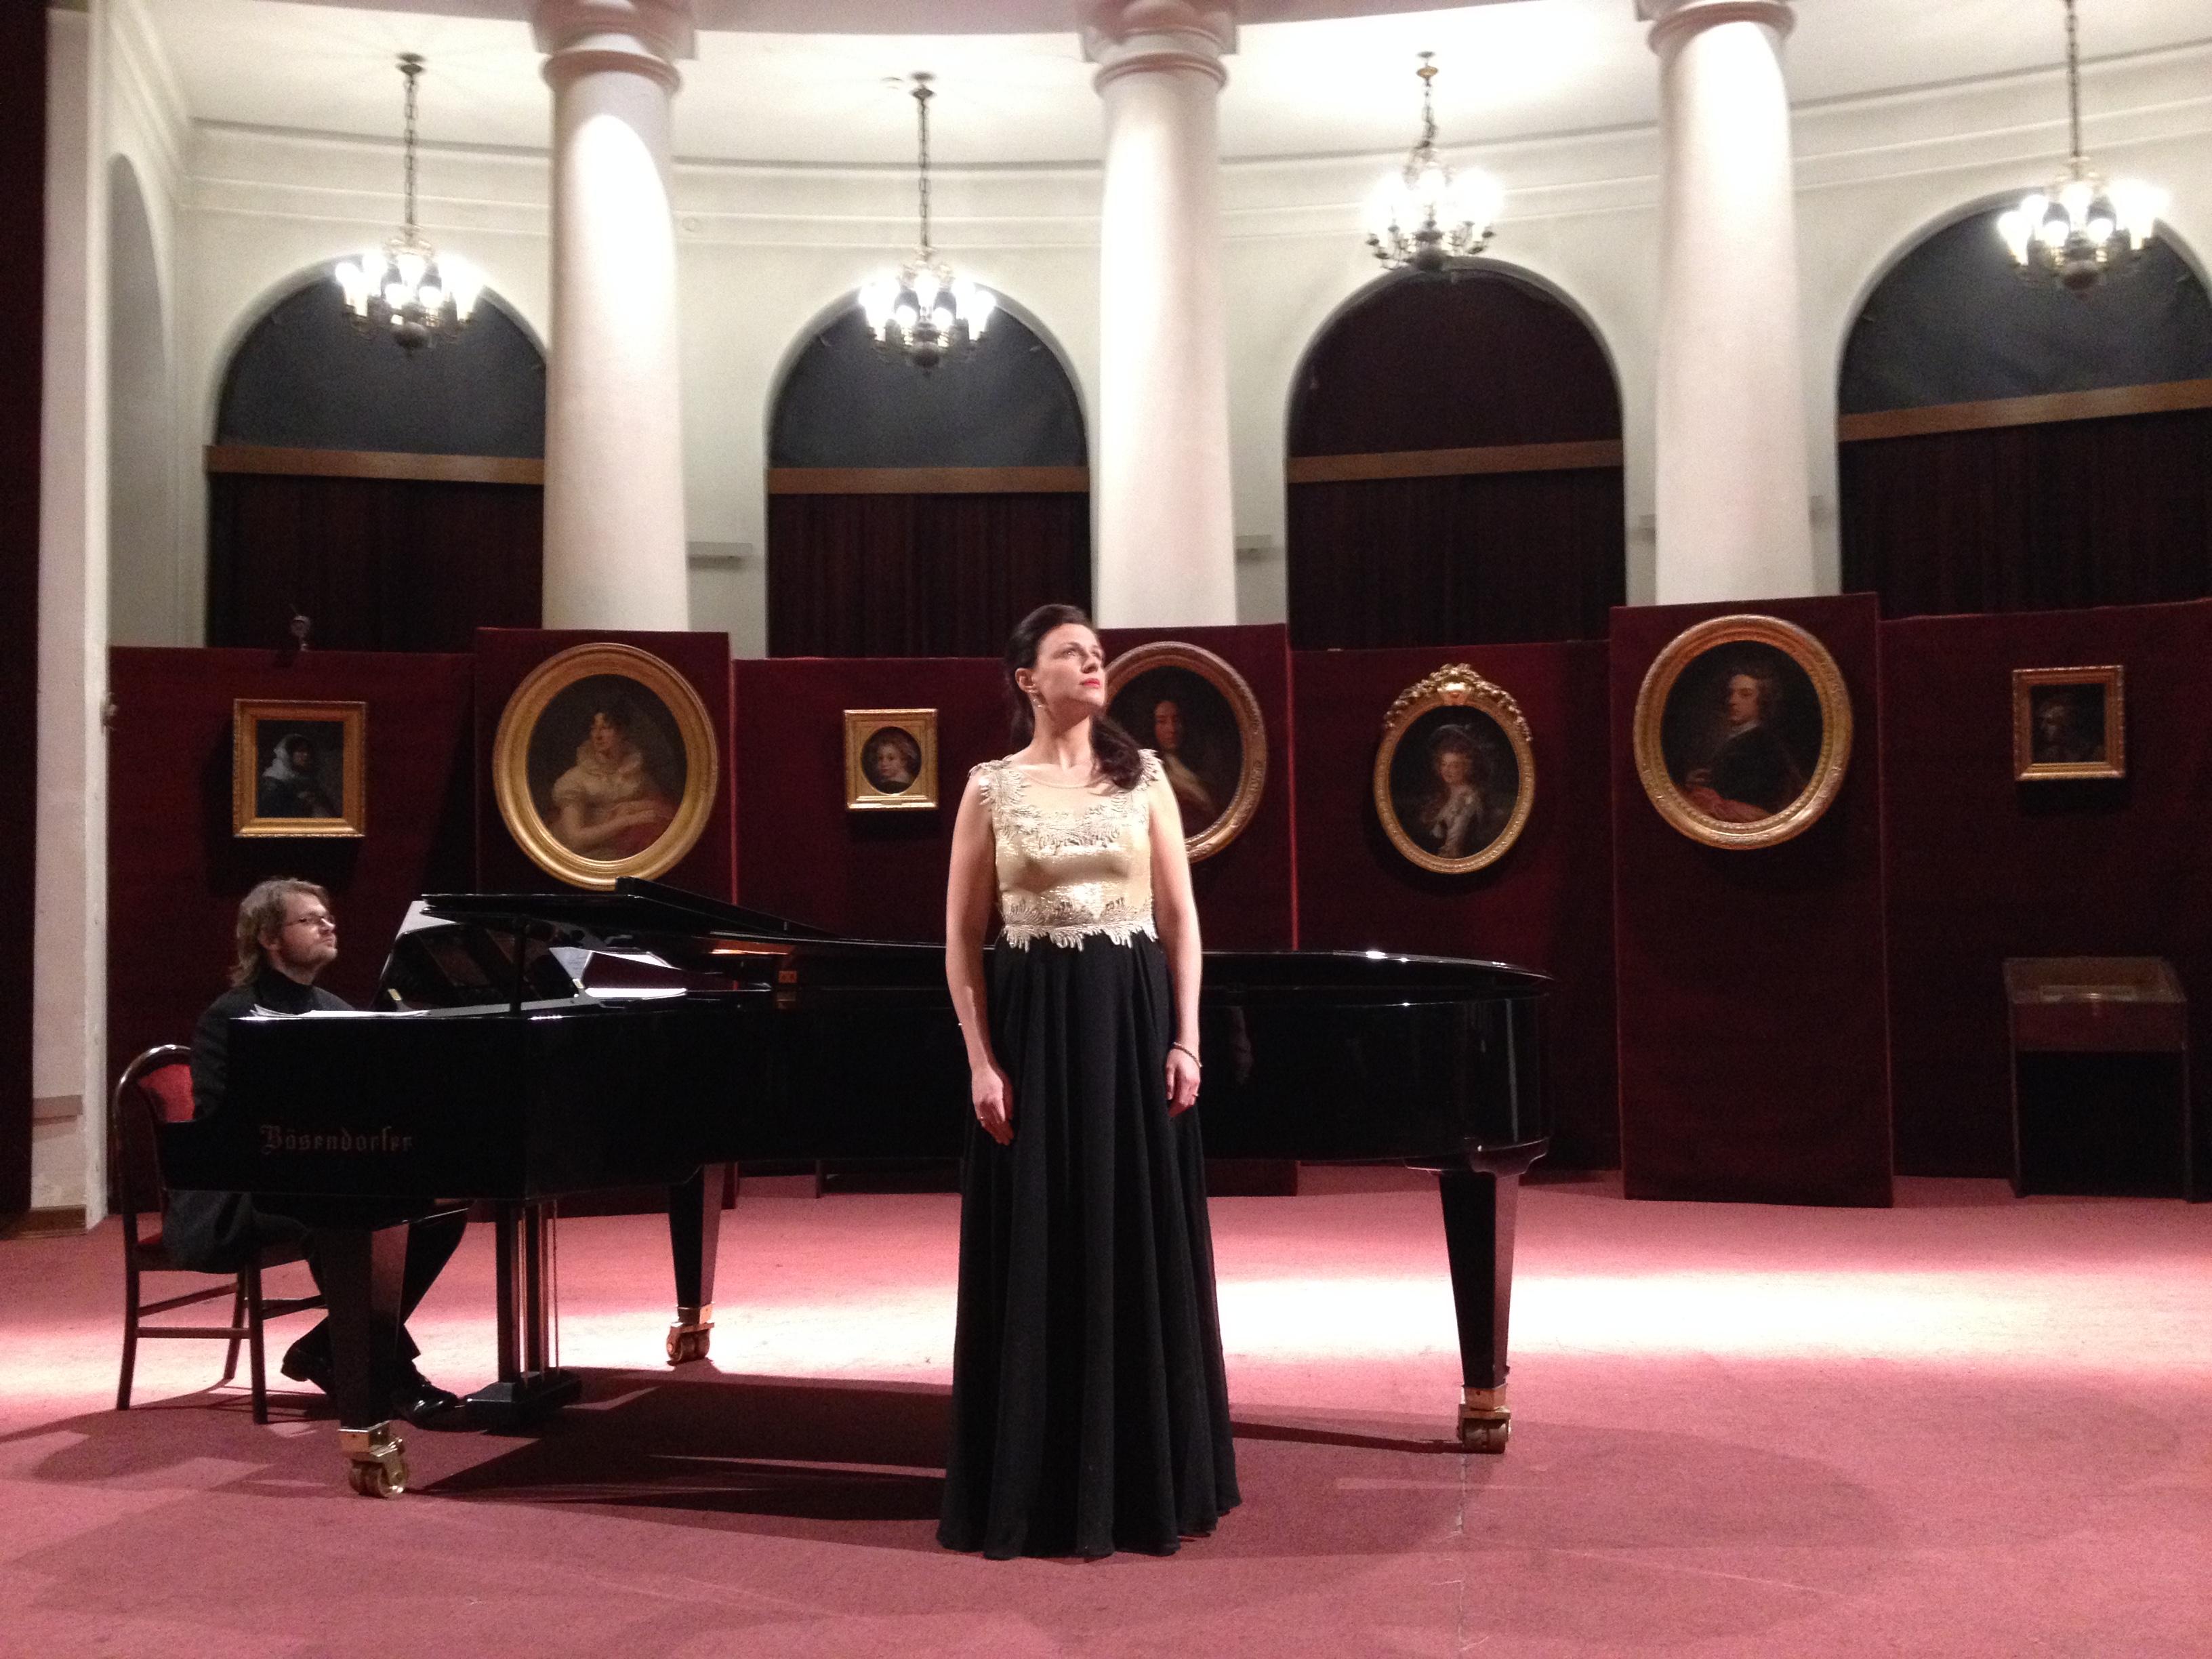 Warsaw recital